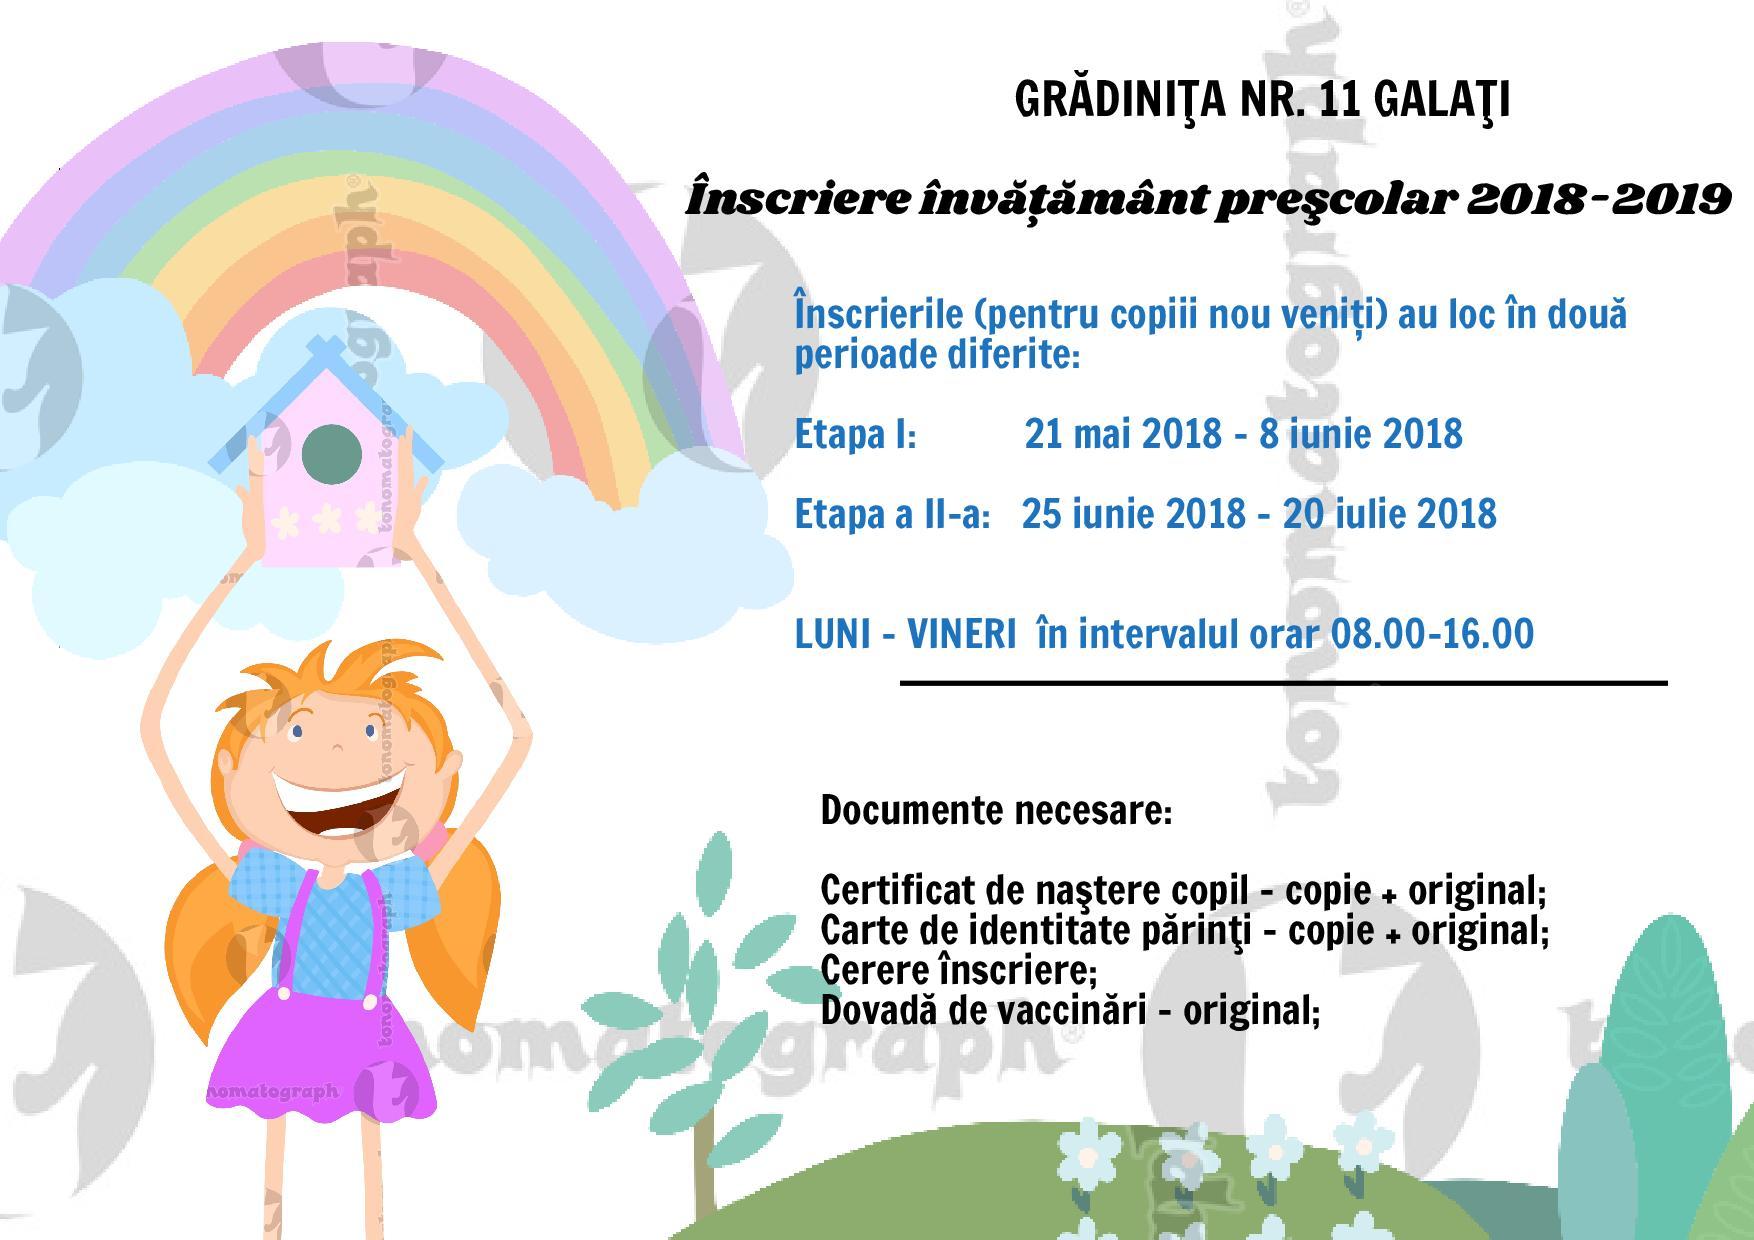 Inscriere gradi 2018 2019-page-001